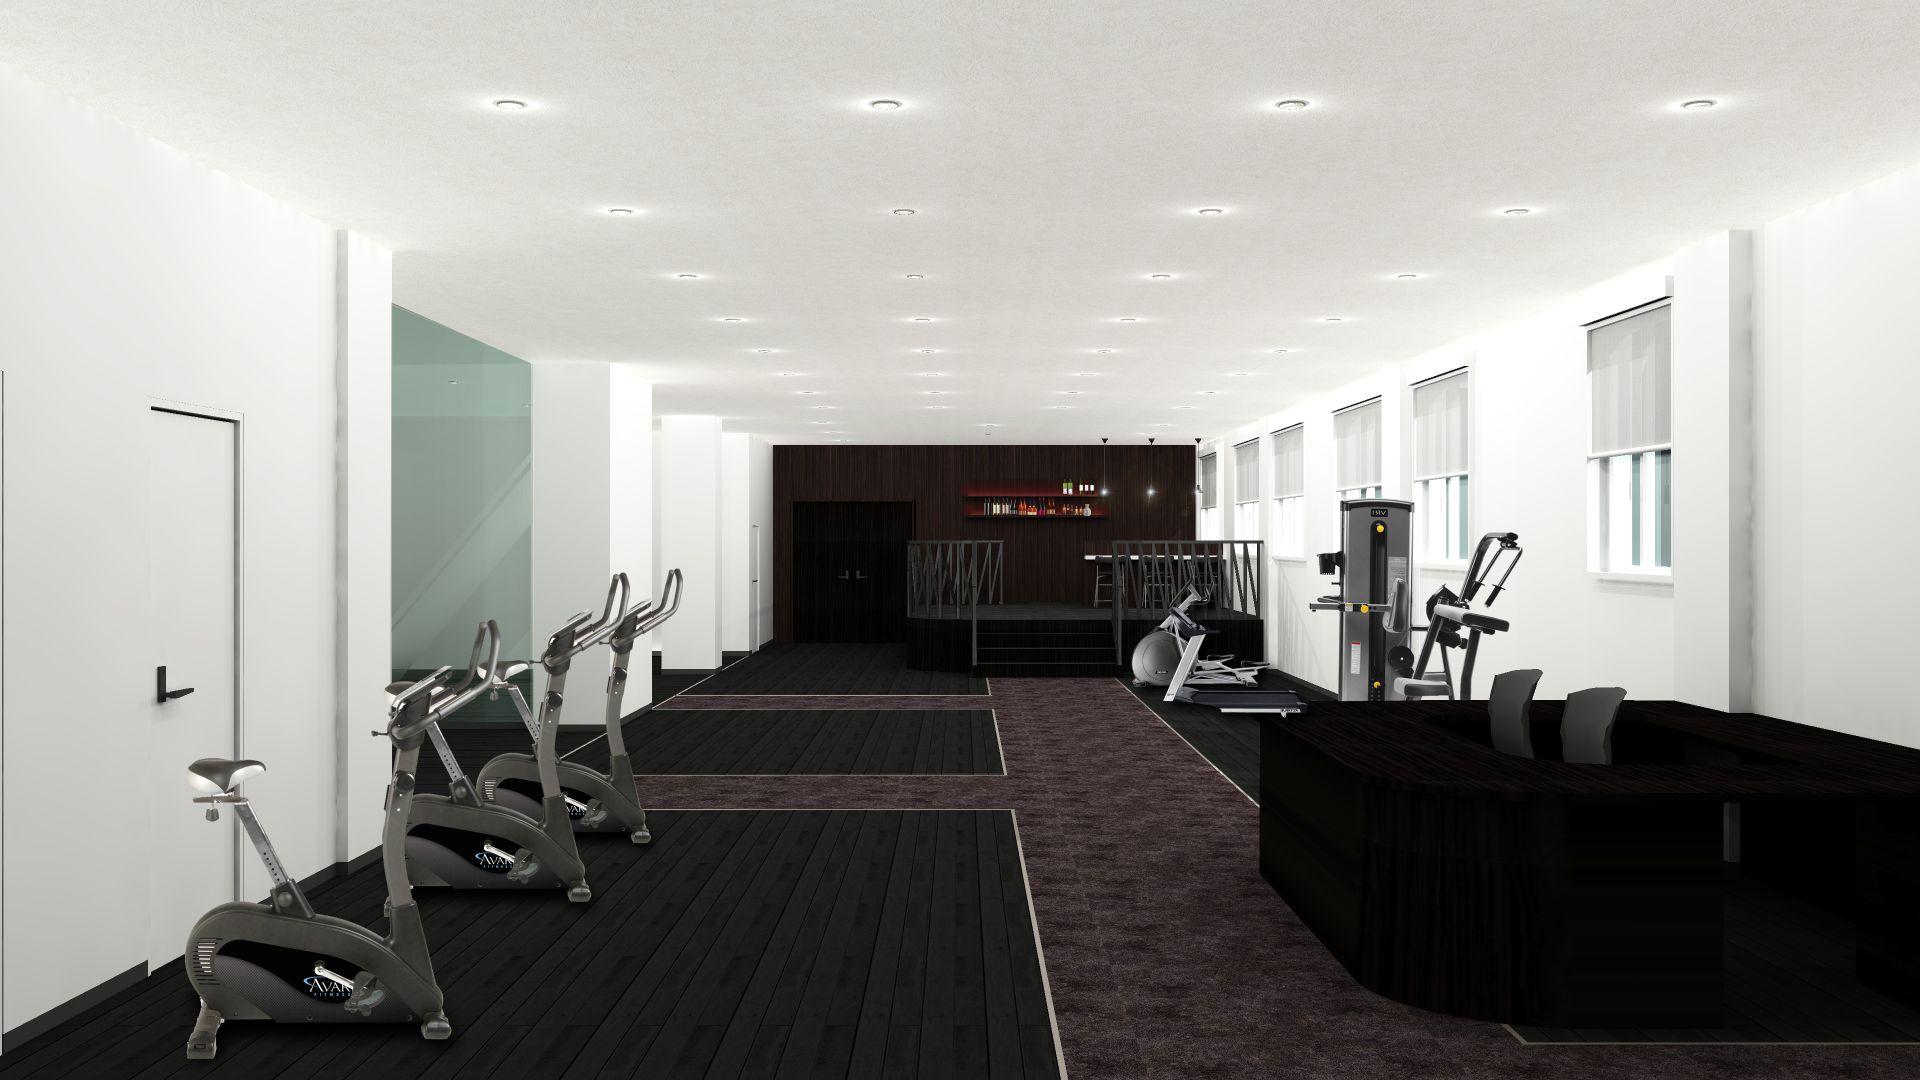 - 環境で人を健康に –  元ナースが設計した総合クリニック 「鈴木慶やすらぎクリニック」 2013年6月3日開院